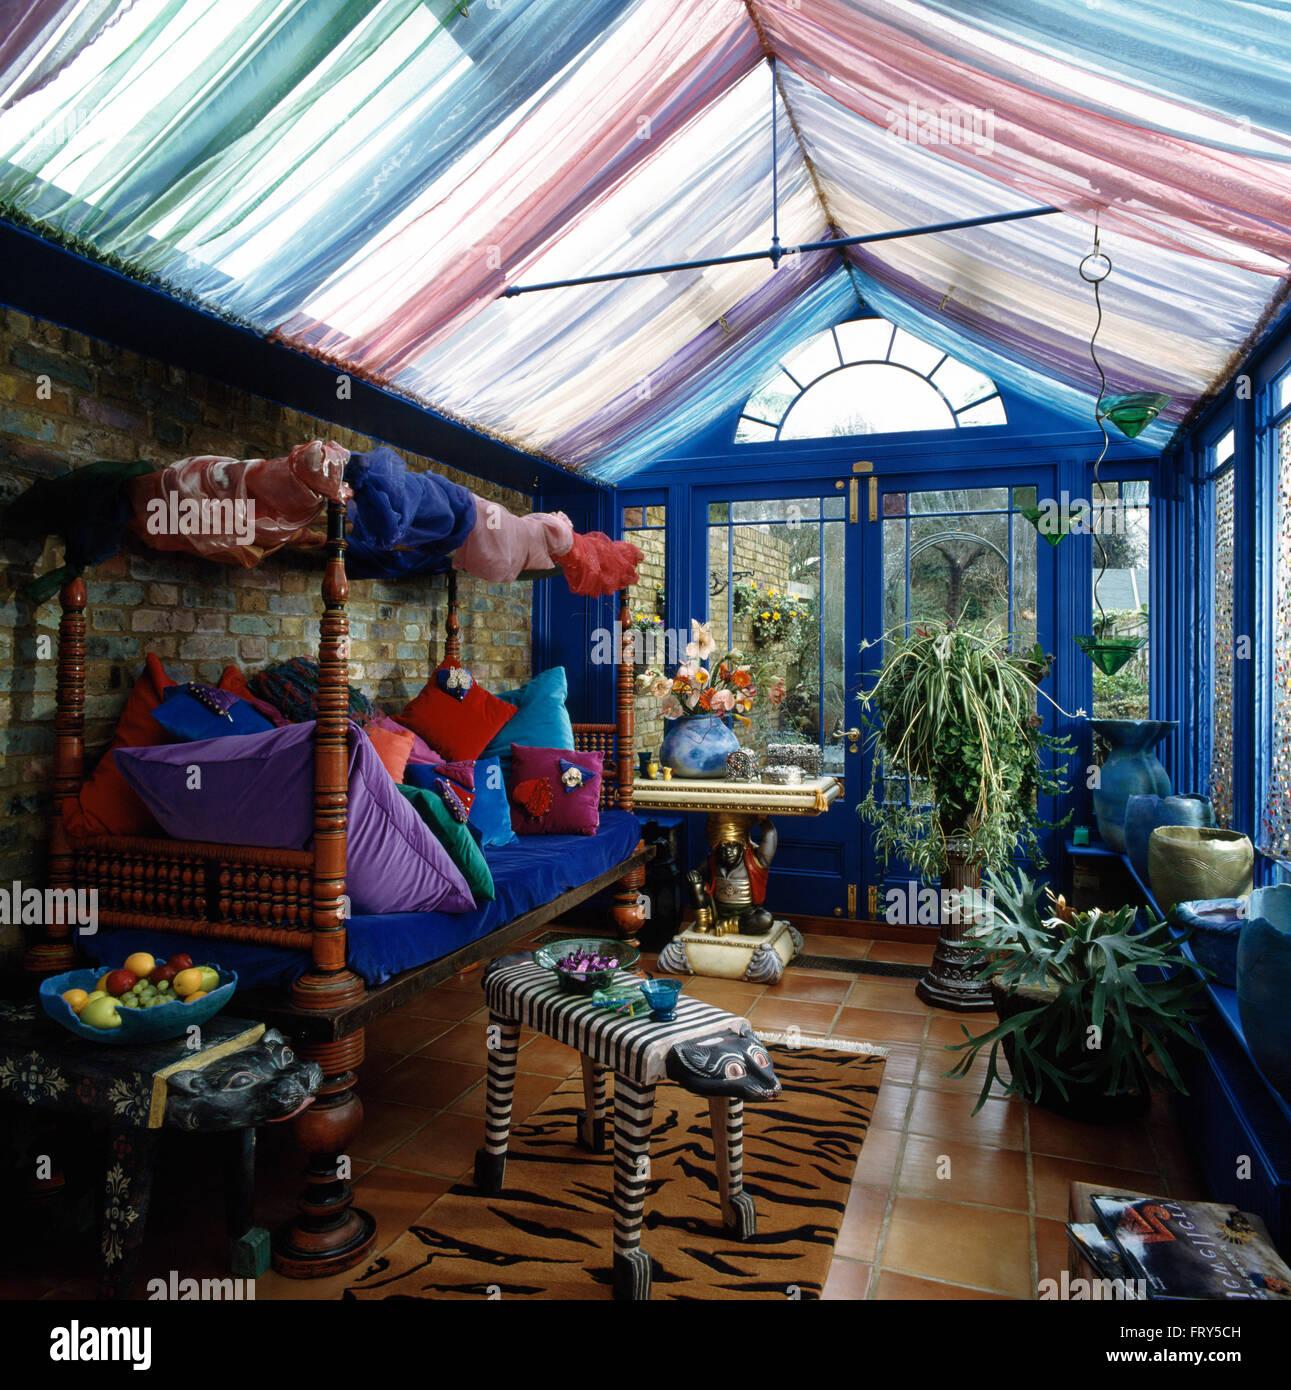 Holzer Wintergarten bunte voile vorhänge auf glasdach blaue 90er jahre wintergarten mit